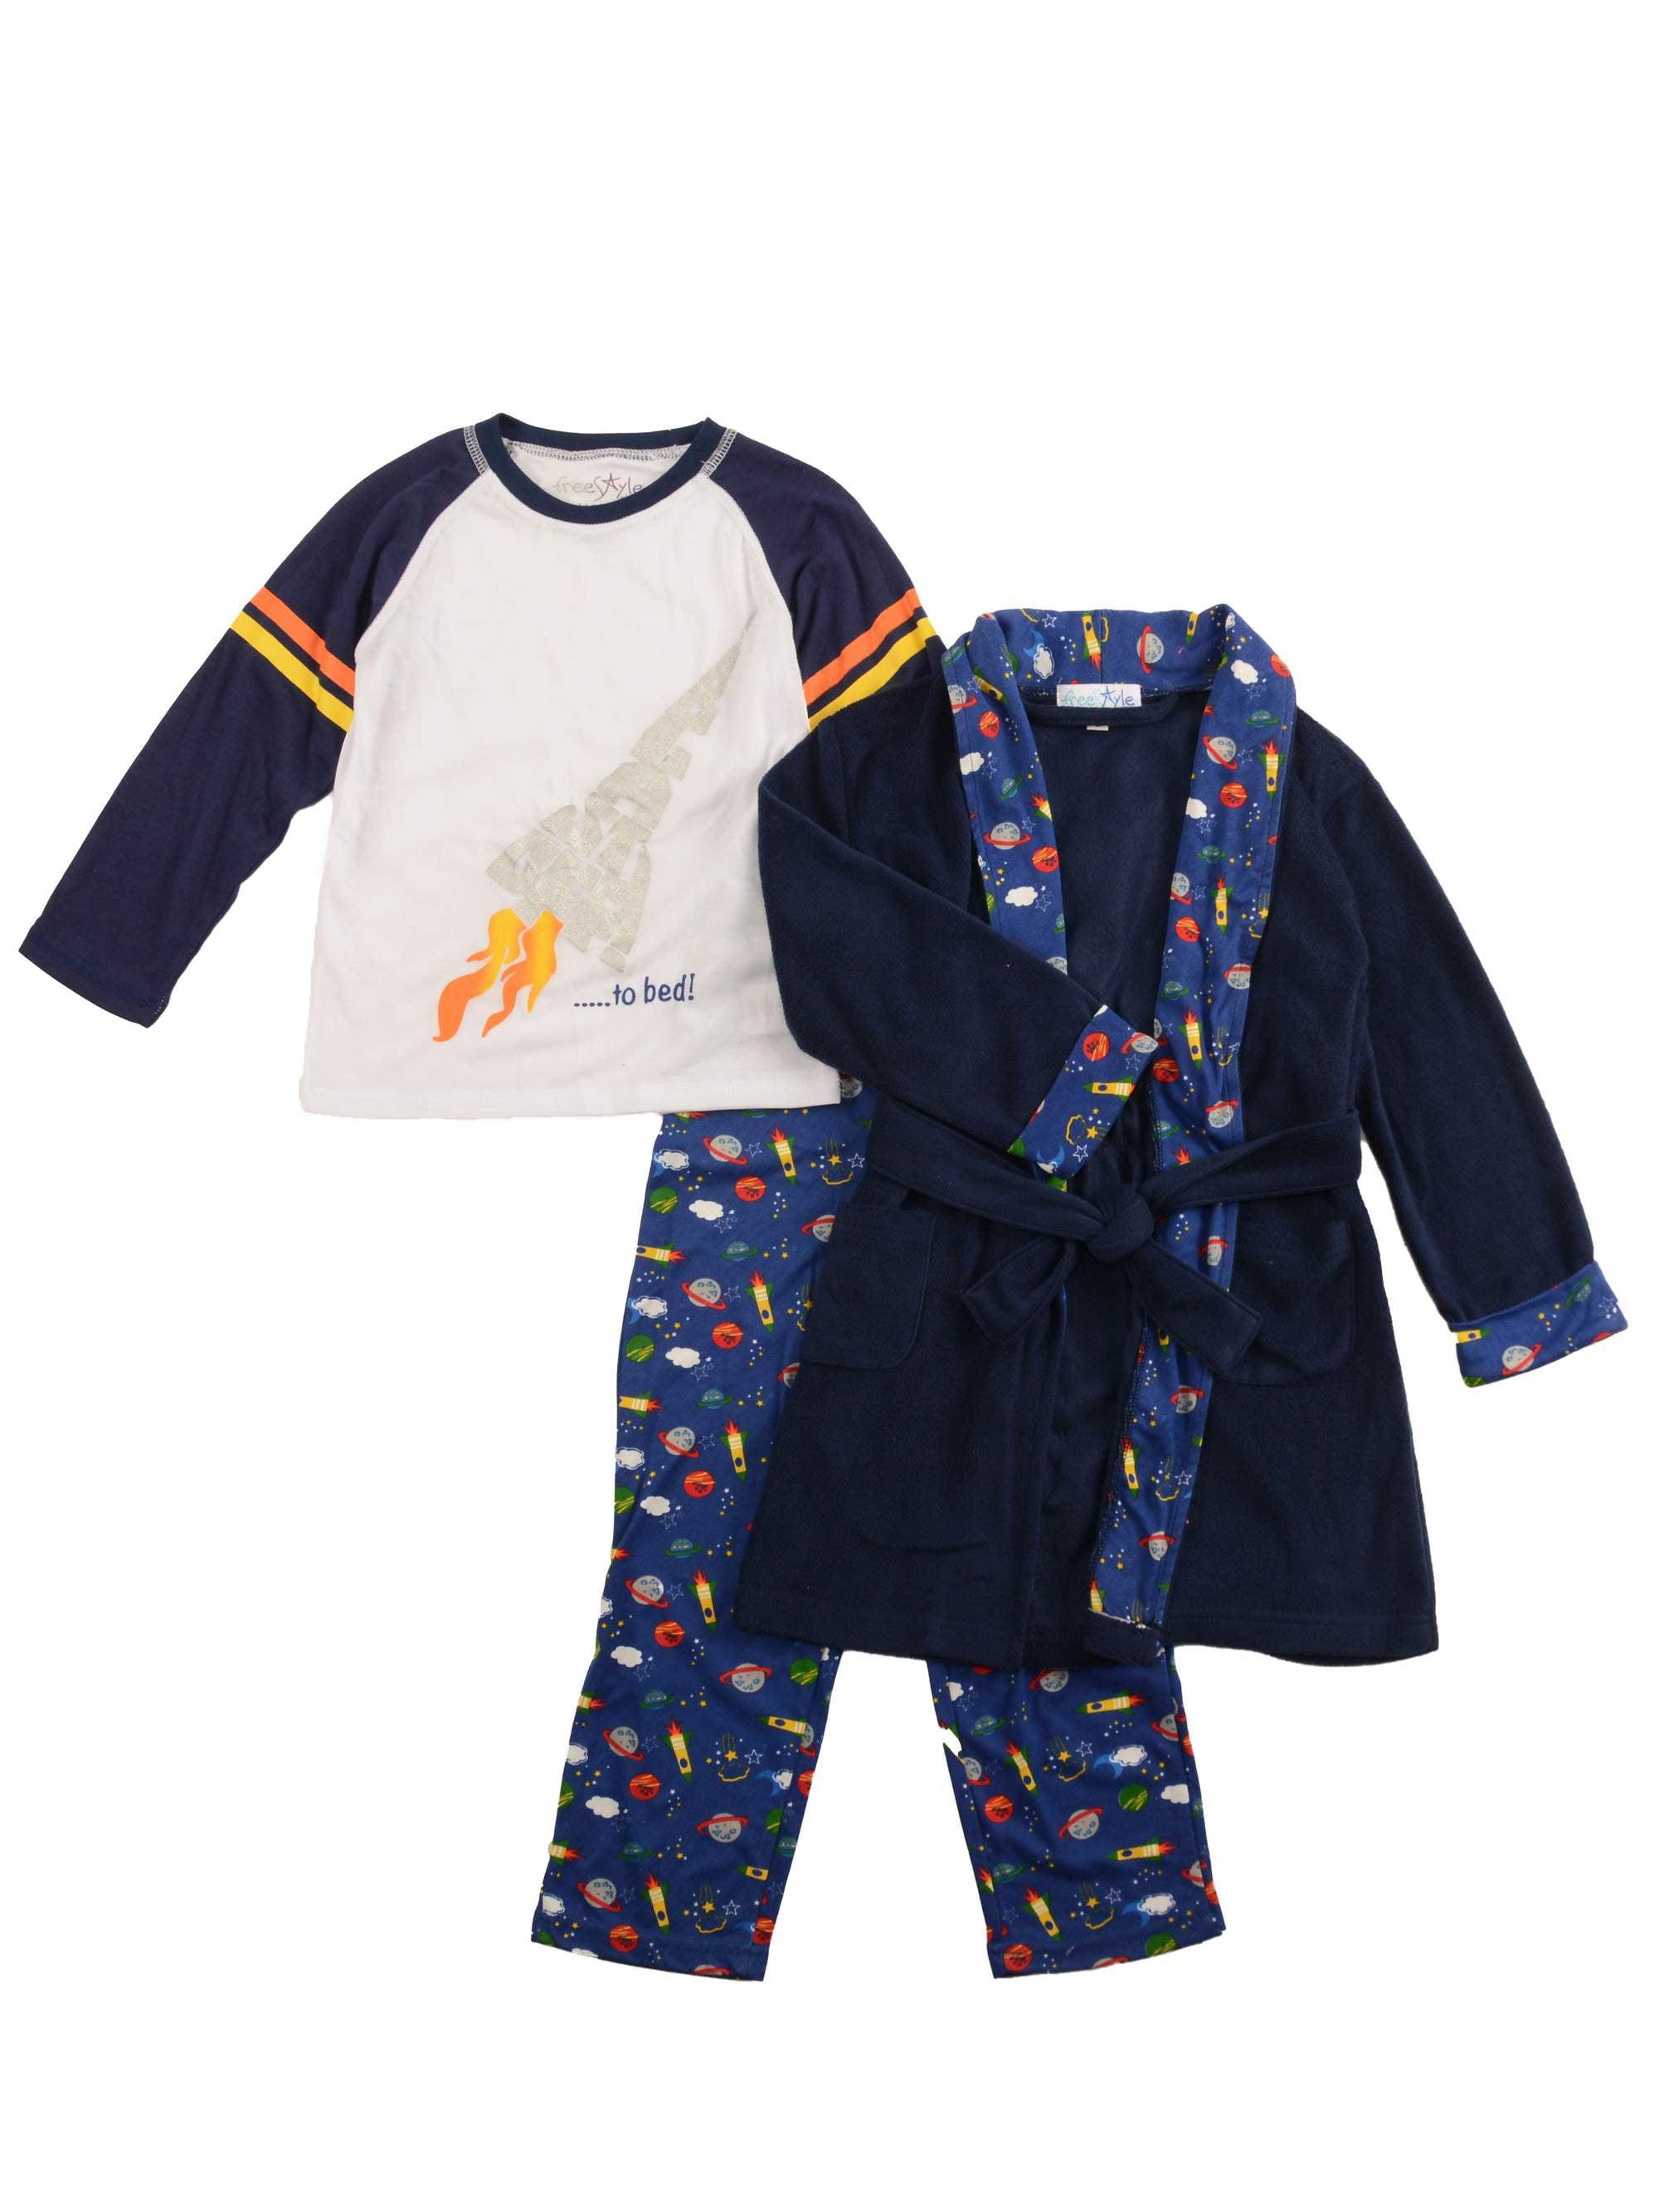 Bunz Kidz Space Long Sleeve Pajamas & Robe, 3-piece Gift Set (Toddler Boys)